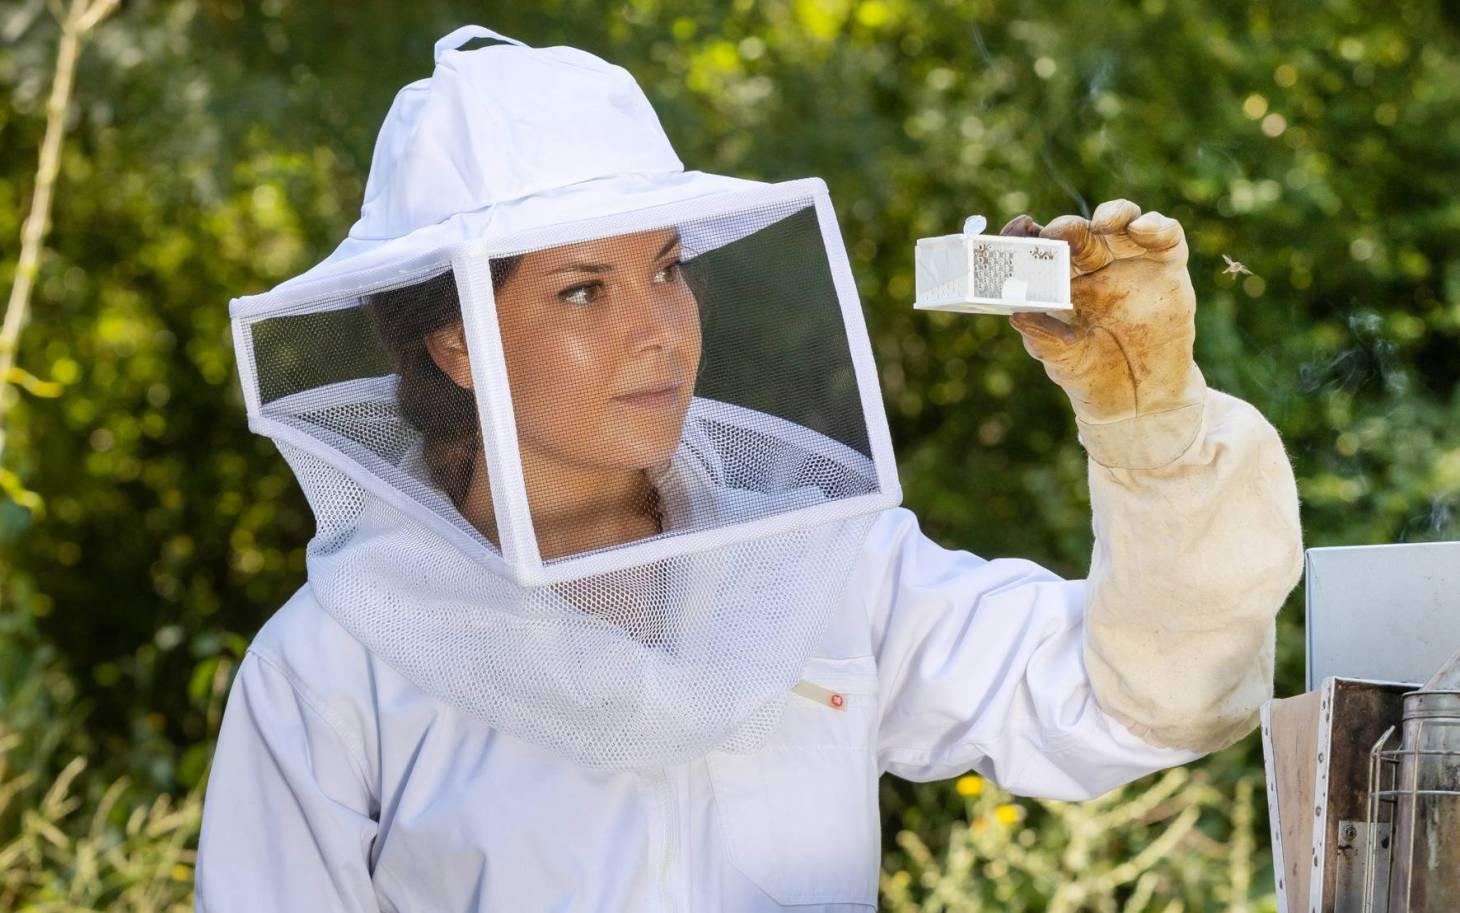 Fille d'apiculteur et chercheuse engagée